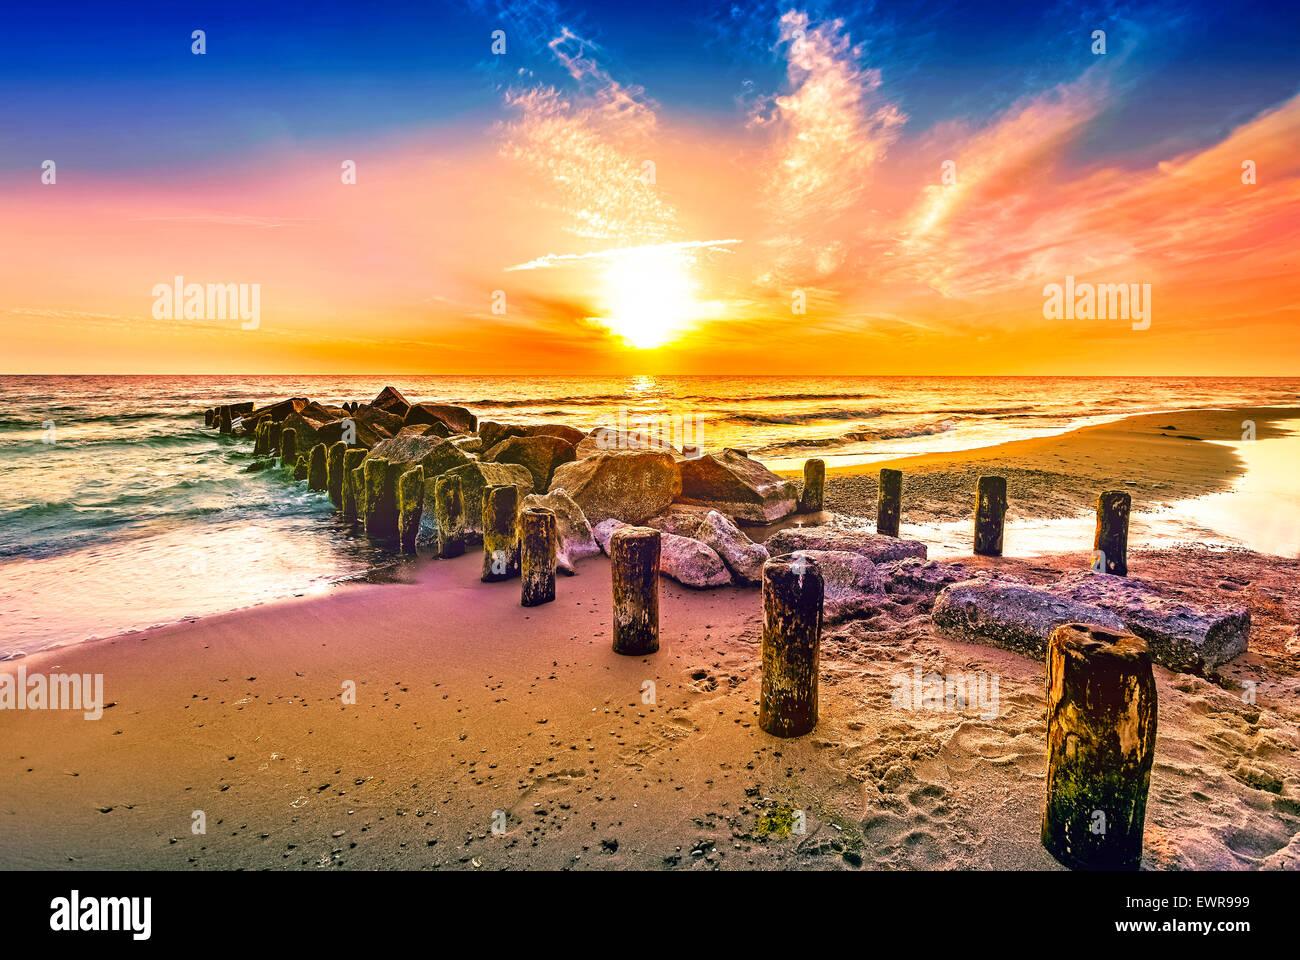 Sonnenuntergang am Strand. Stockbild